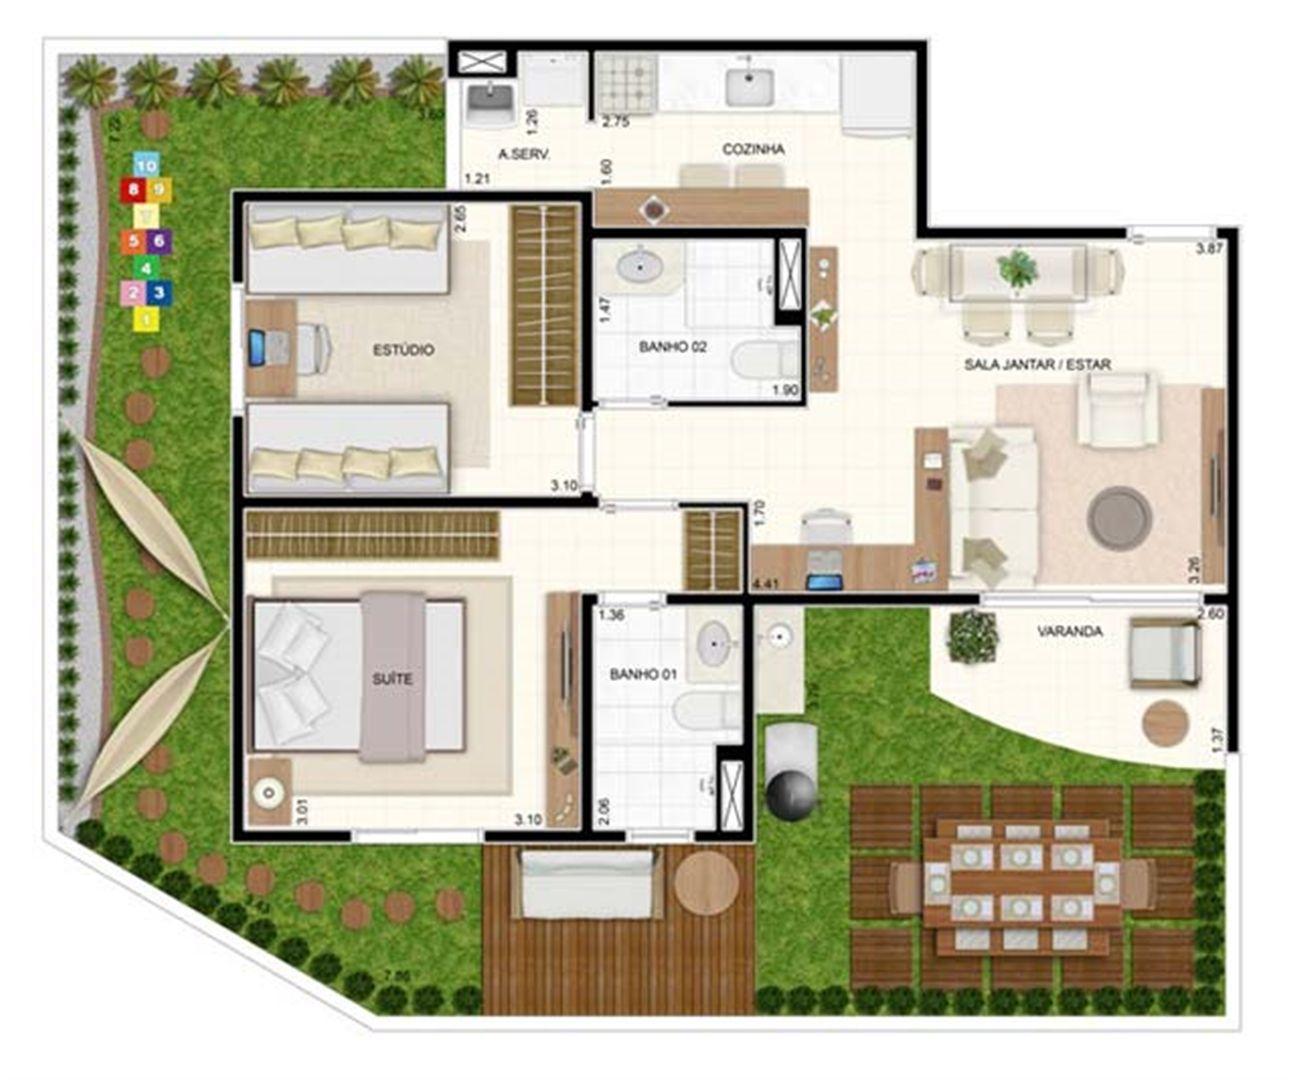 Giardino 2 dorms com Suíte 93,56m² | Vita 2 Residencial Clube – Apartamento no  Pitimbu - Natal - Rio Grande do Norte